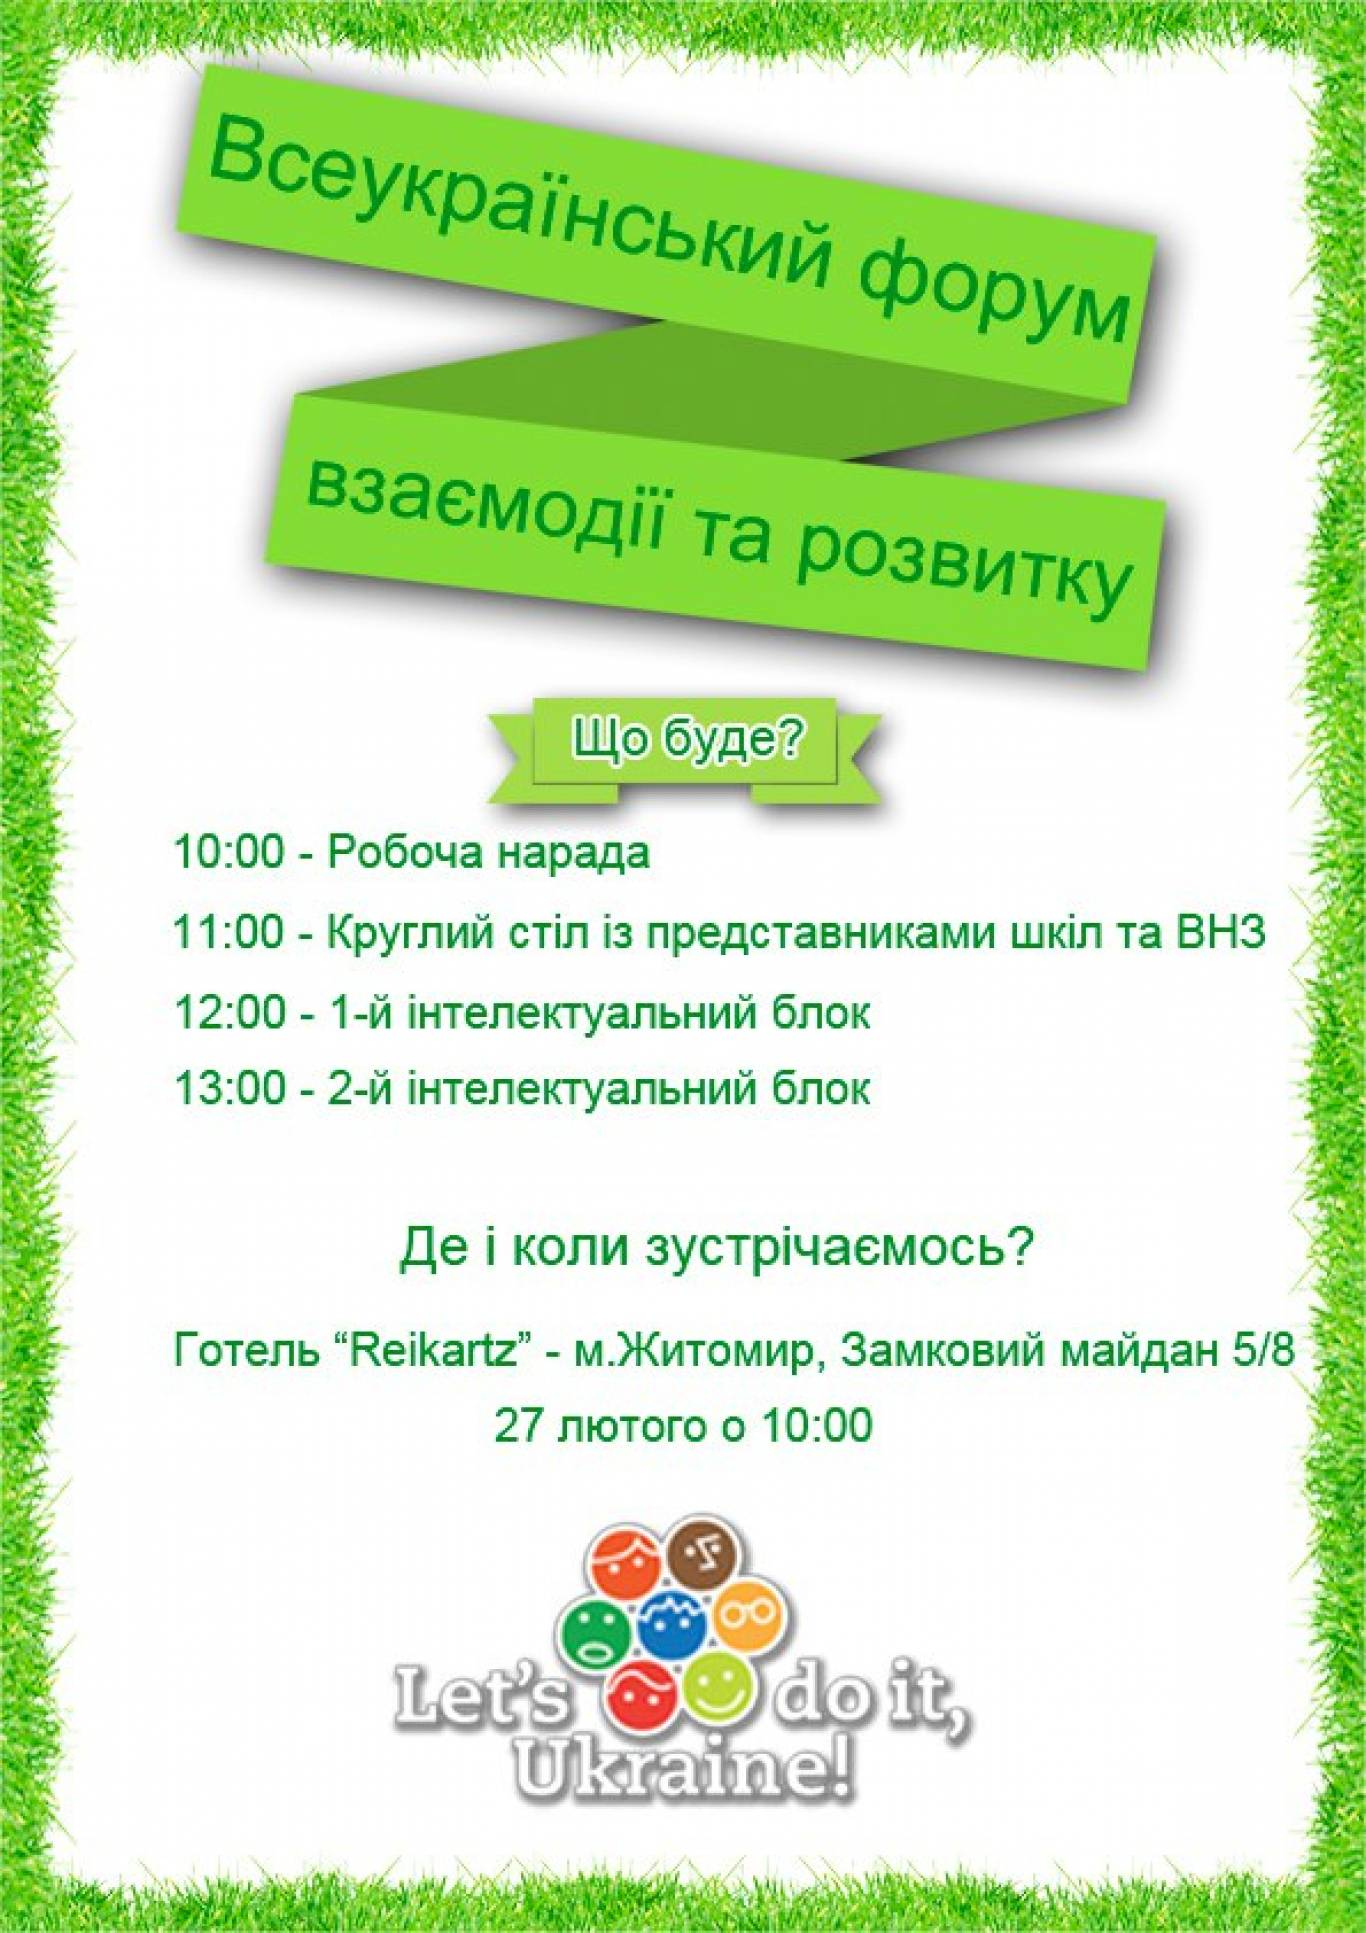 Всеукраїнський форум взаємодії та розвитку